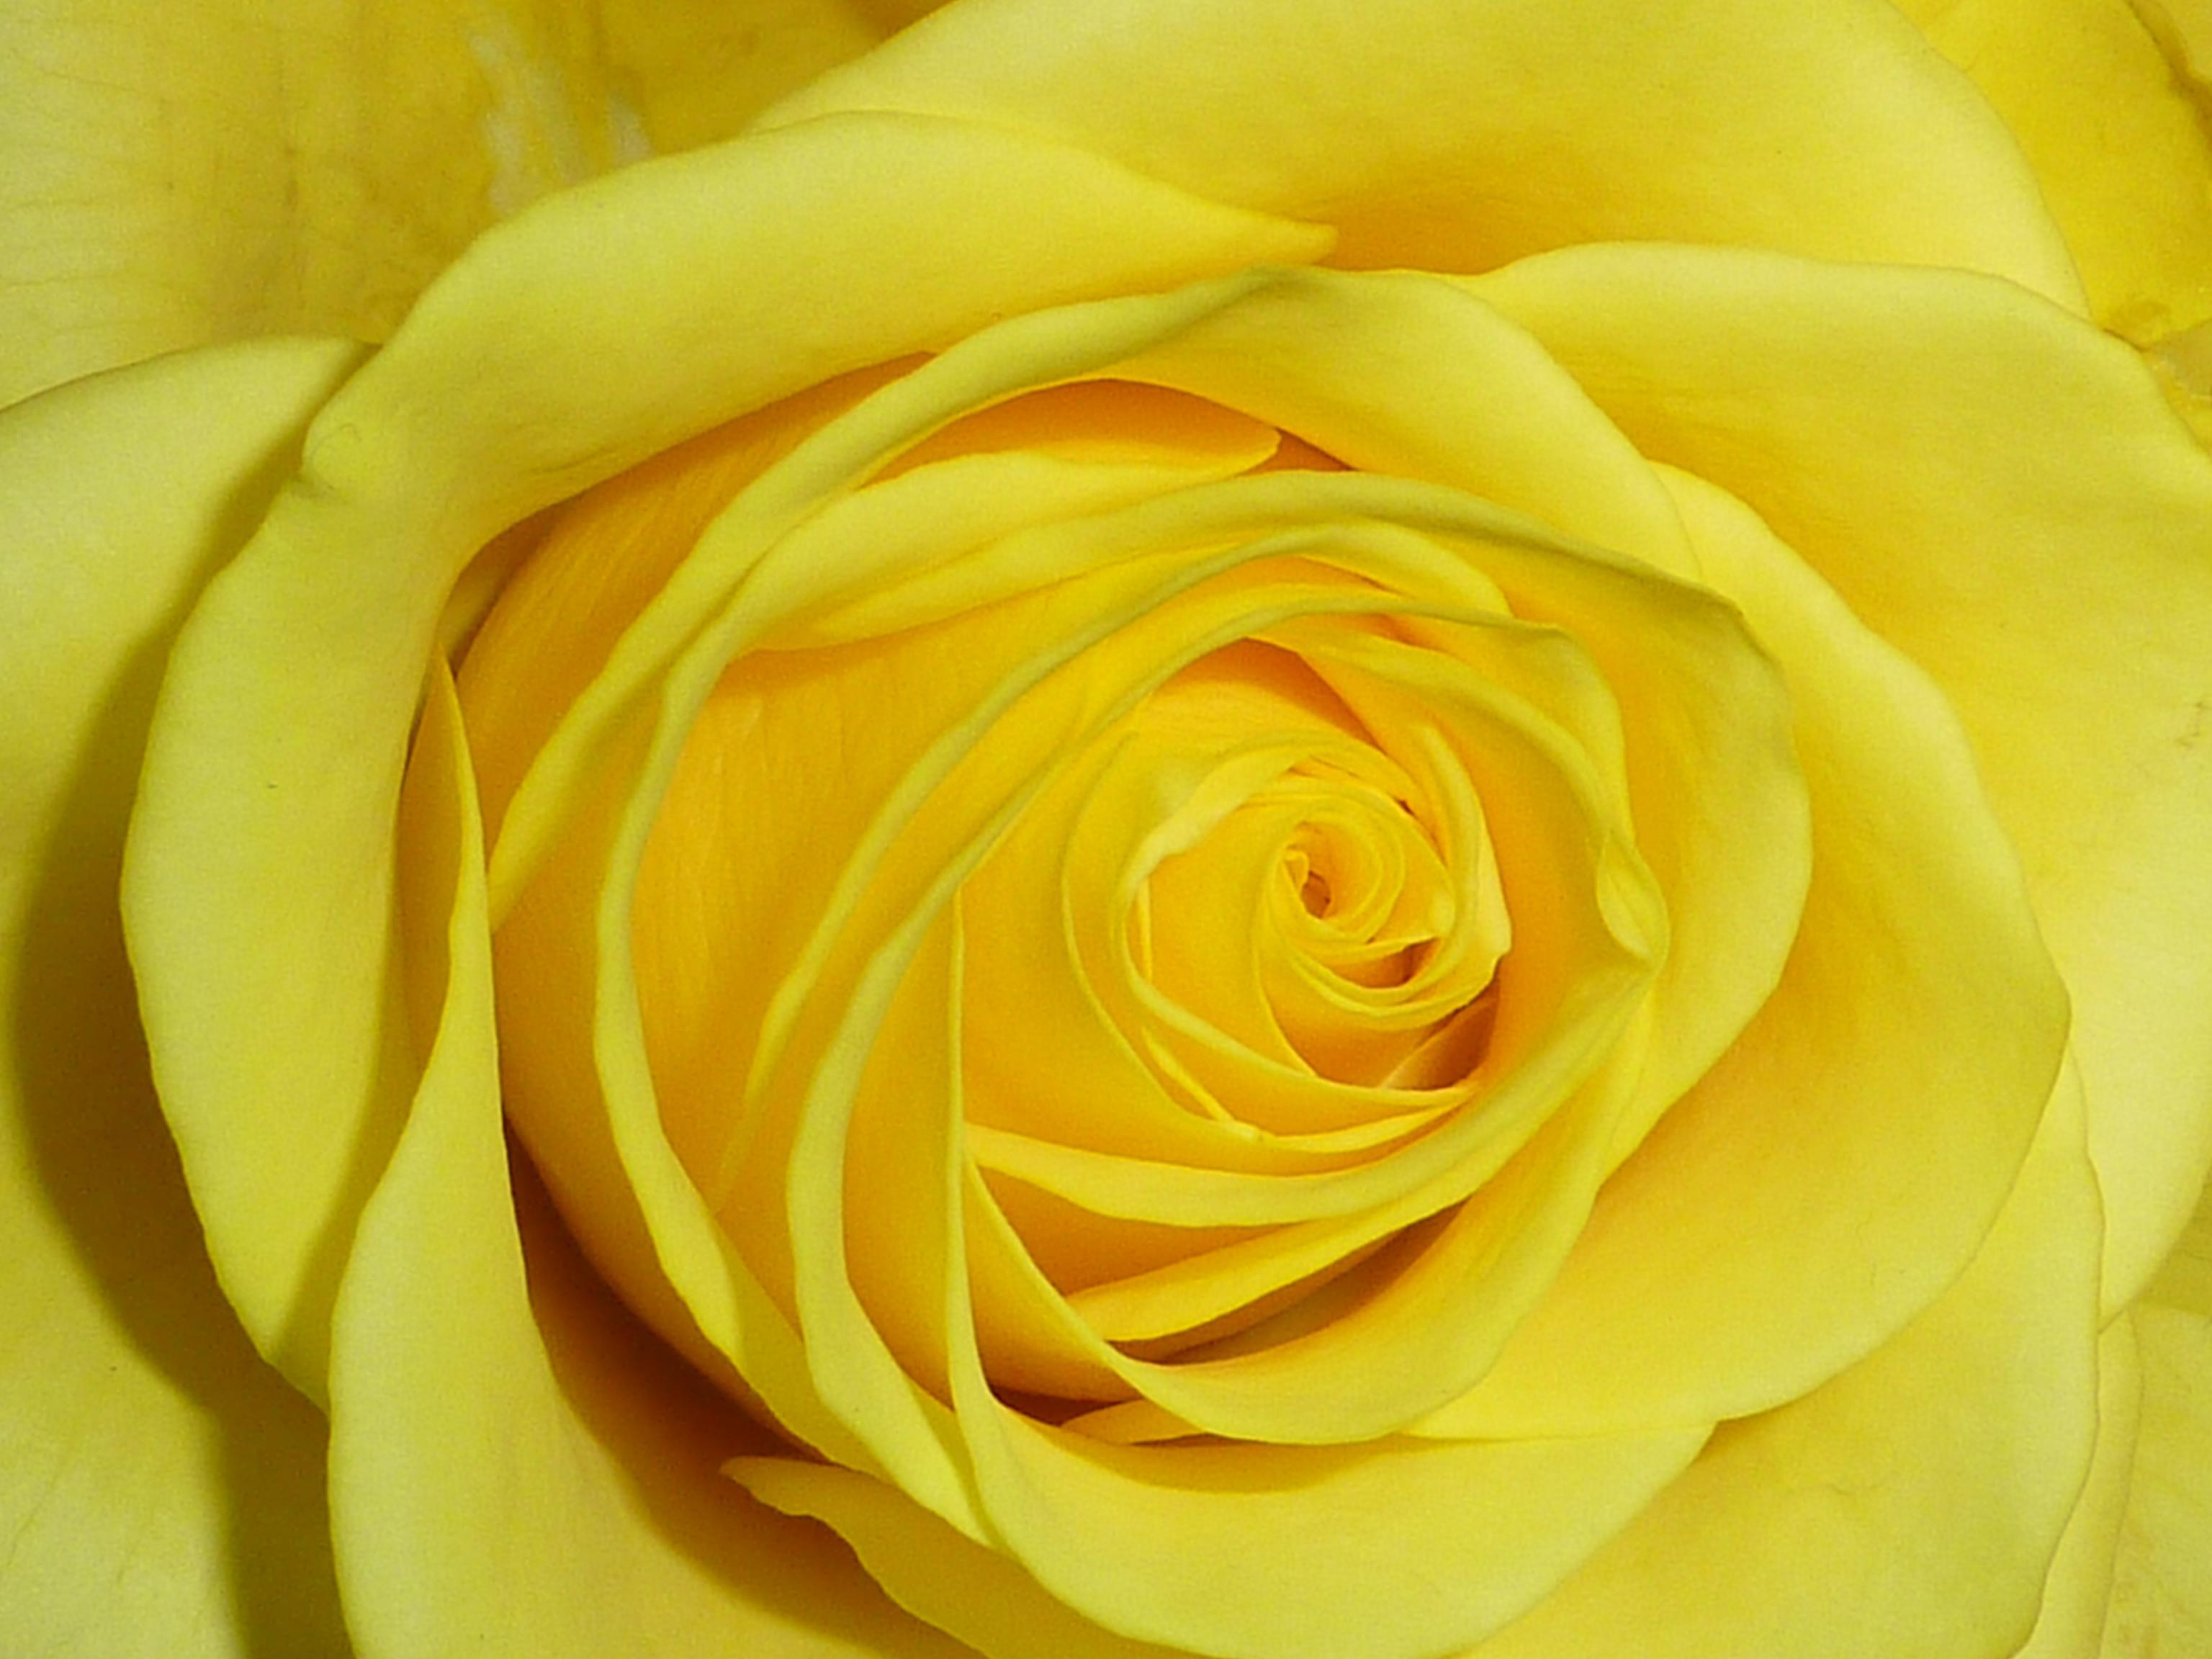 Die gelbe Rose steht für Untreue, Eifersucht und schwindende Liebe © morguefile